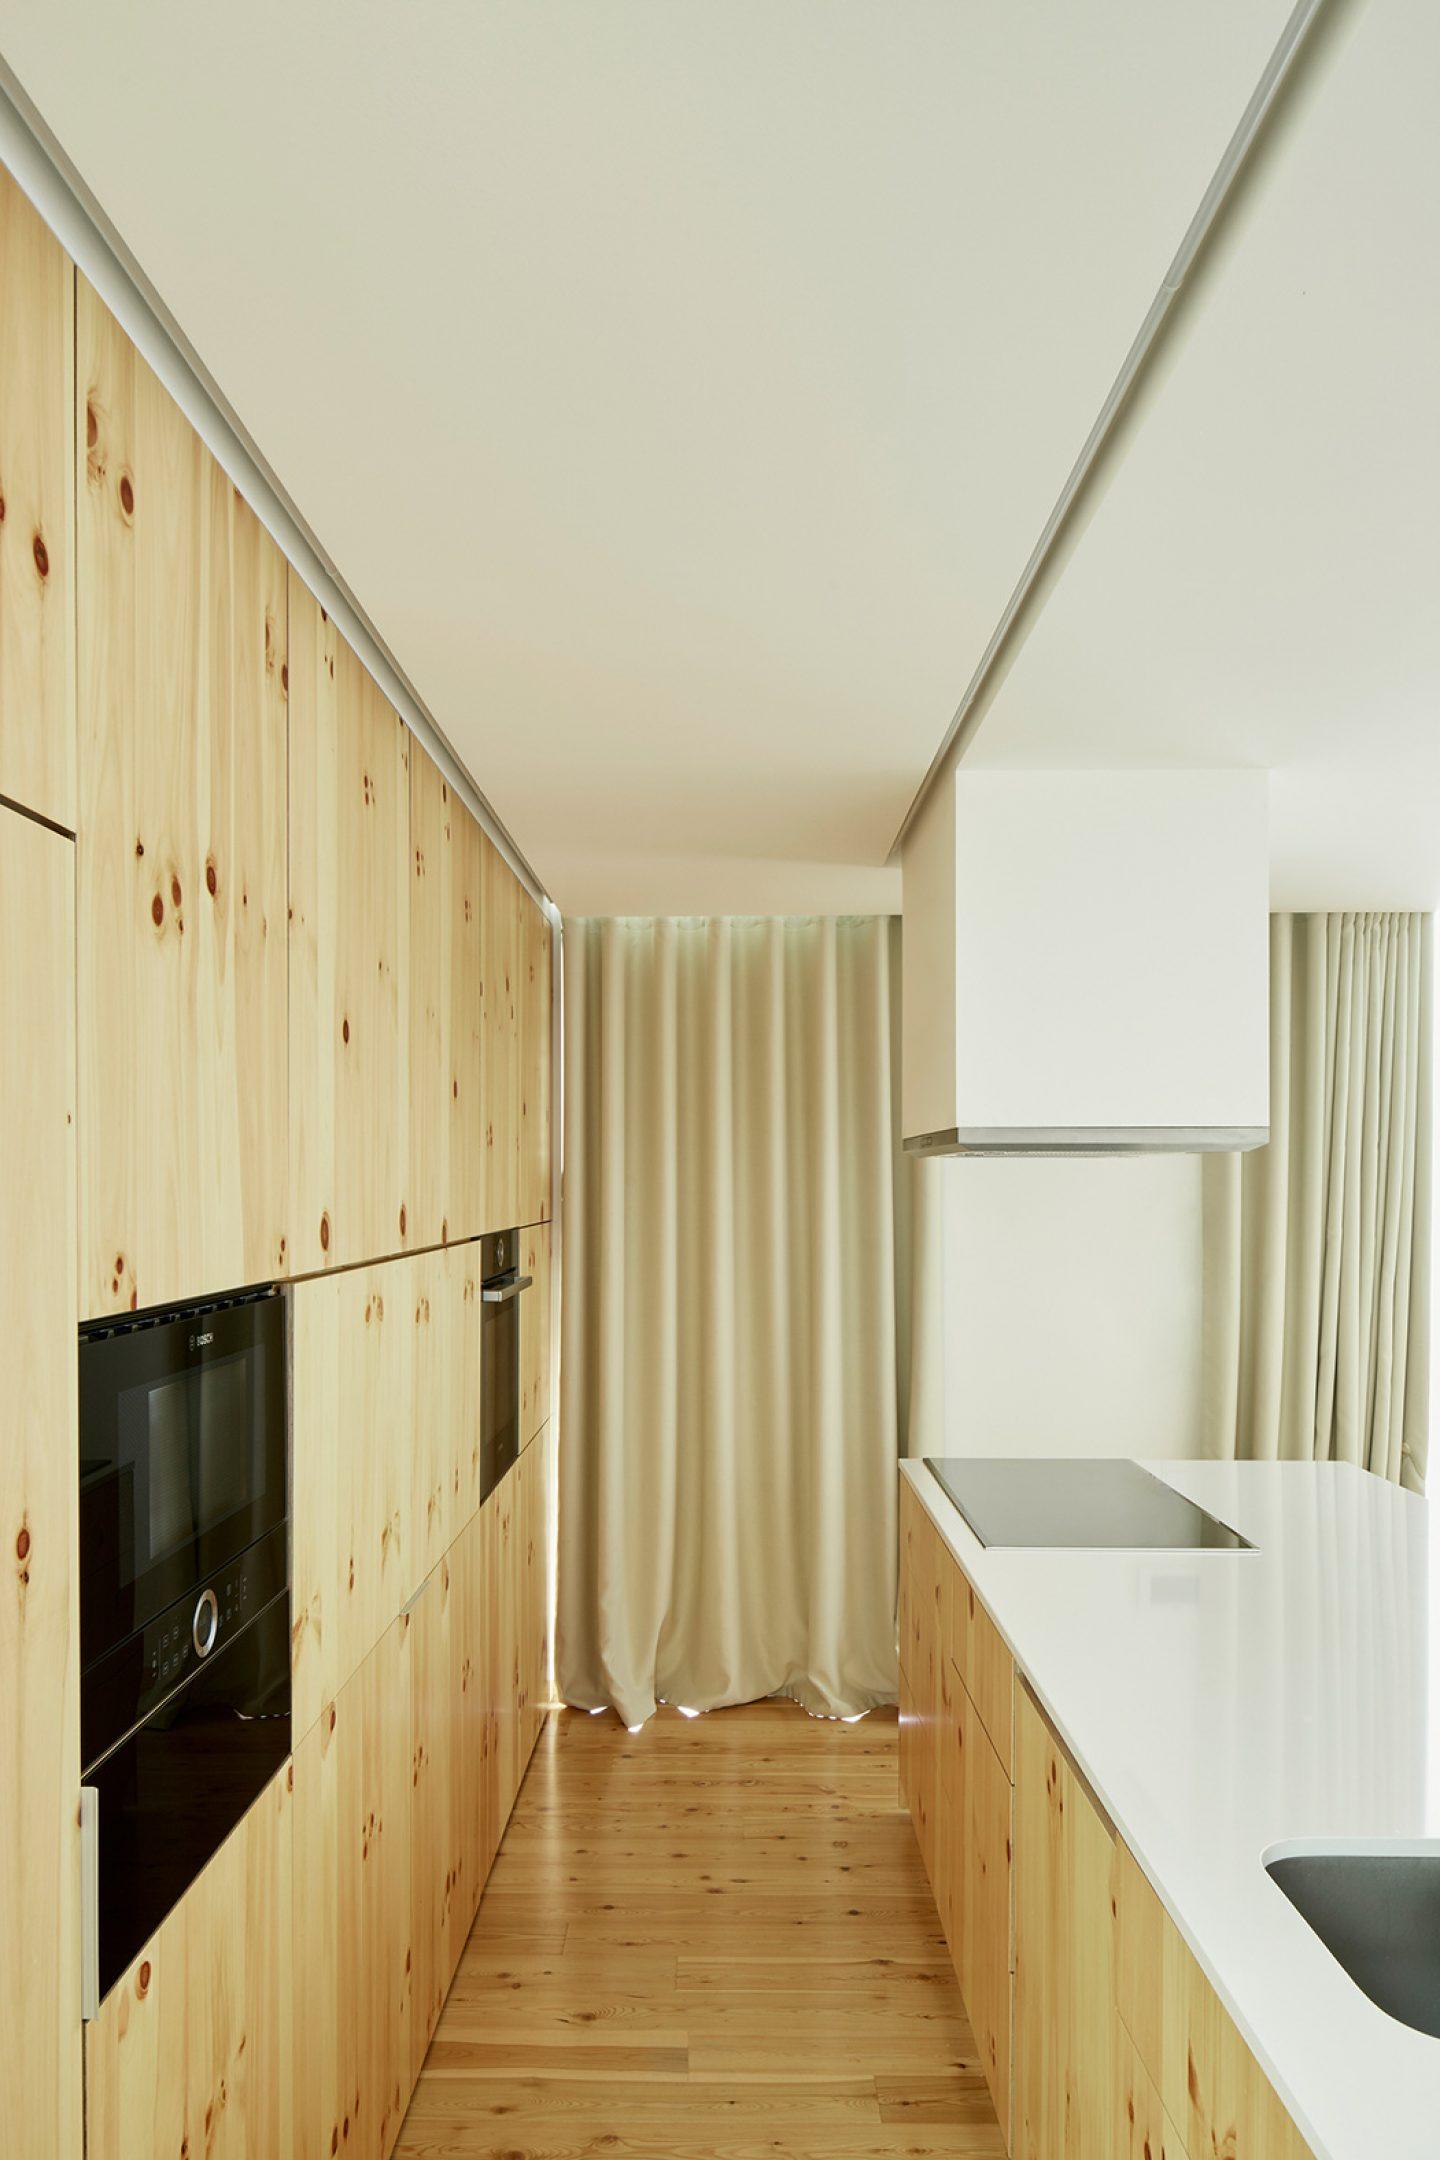 iGNANT-Architecture-Ansiao-House-Bruno-Dias-Arquitectura-9